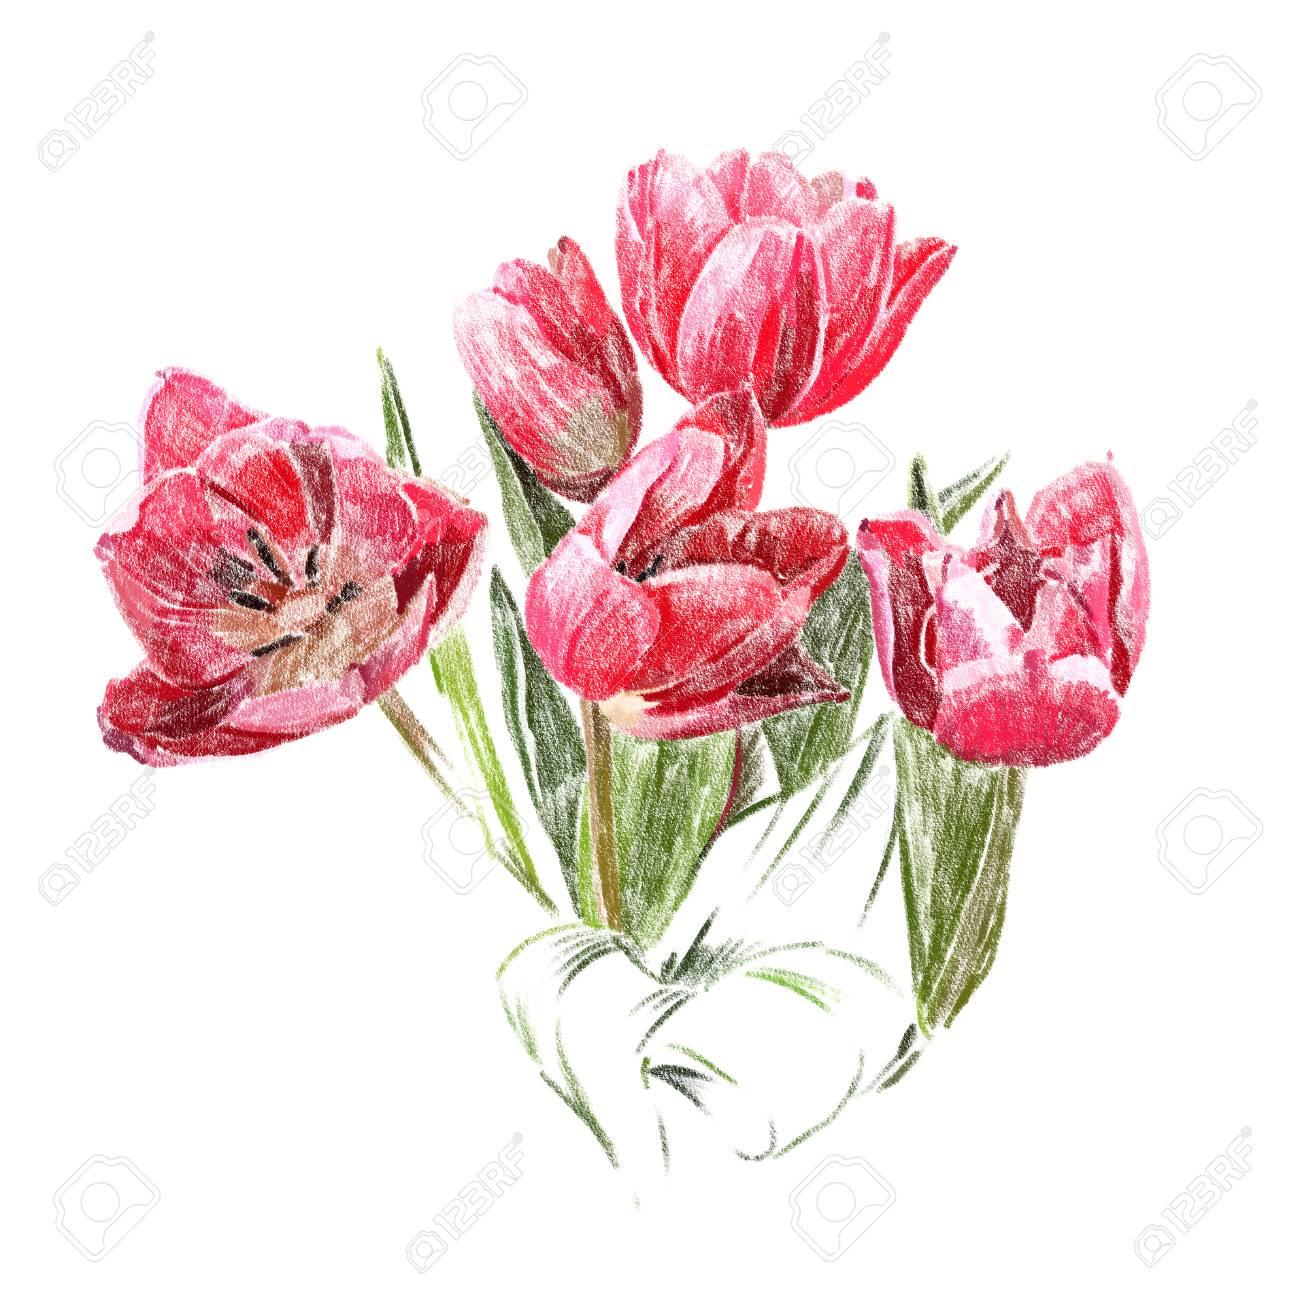 Ongekend Bloemen Geïsoleerd Op Een Witte Achtergrond. De Rode Tulpen. Hand JV-85